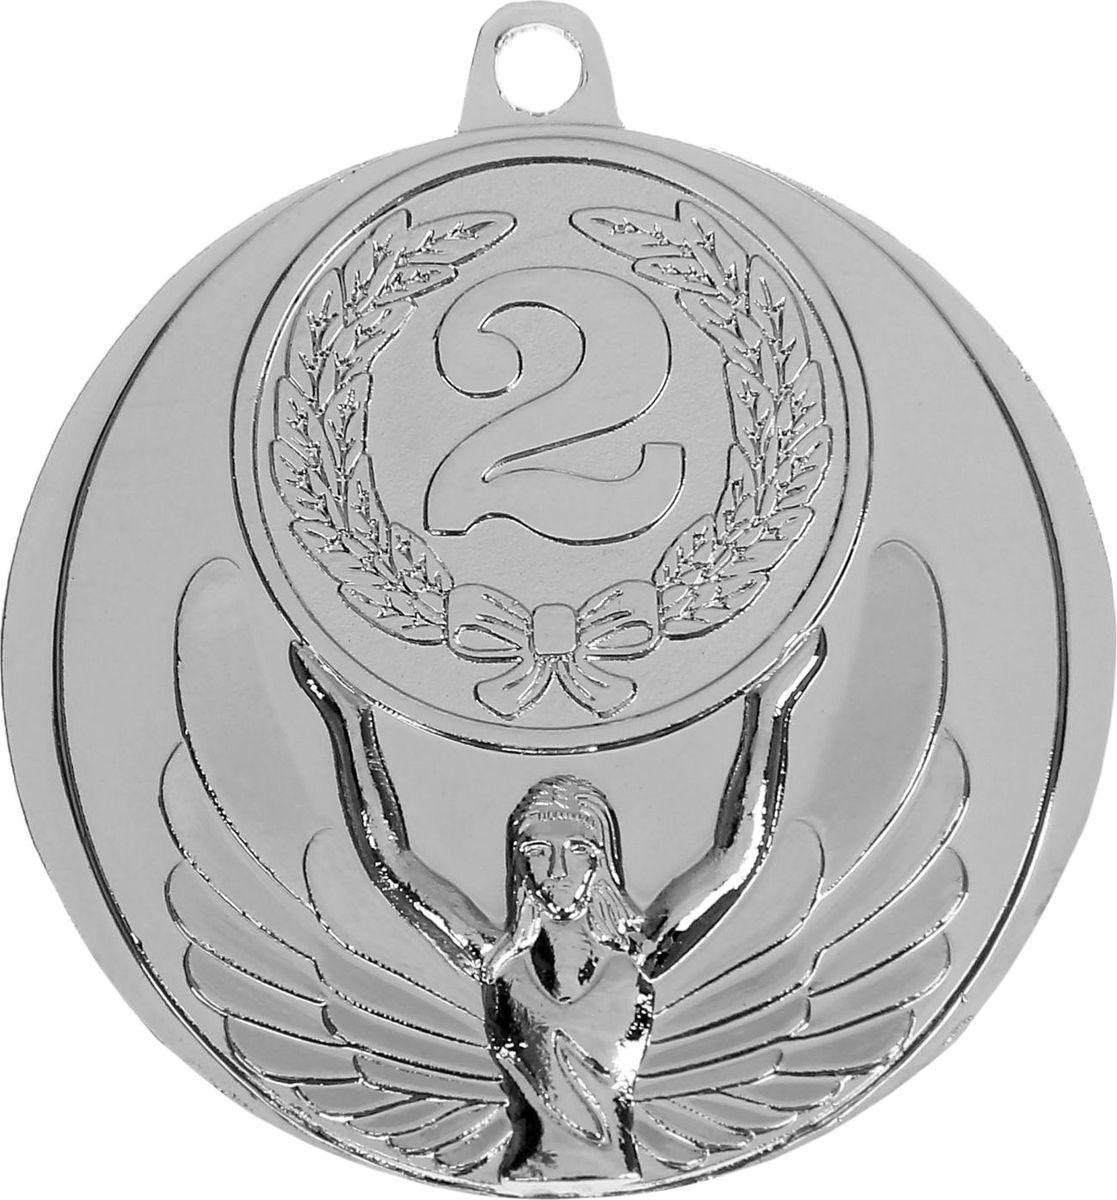 Медаль сувенирная 2 место, цвет: серебристый, диаметр 4,5 см. 0171028263Медаль — знак отличия, которым награждают самых достойных. Она вручается лишь тем, кто проявил настойчивость и волю к победе. Такое достижение должно остаться в памяти на долгие годы. Поэтому любое спортивное состязание (профессиональное, среди любителей или корпоративное мероприятие) — отличный повод для того, чтобы отметить лучших из лучших. На металлической медали изображена фигура Ники — богини победы в древнегреческой мифологии. ХарактеристикиДиаметр медали: 4,5 см. Диаметр вкладыша (оборот): 4 см.